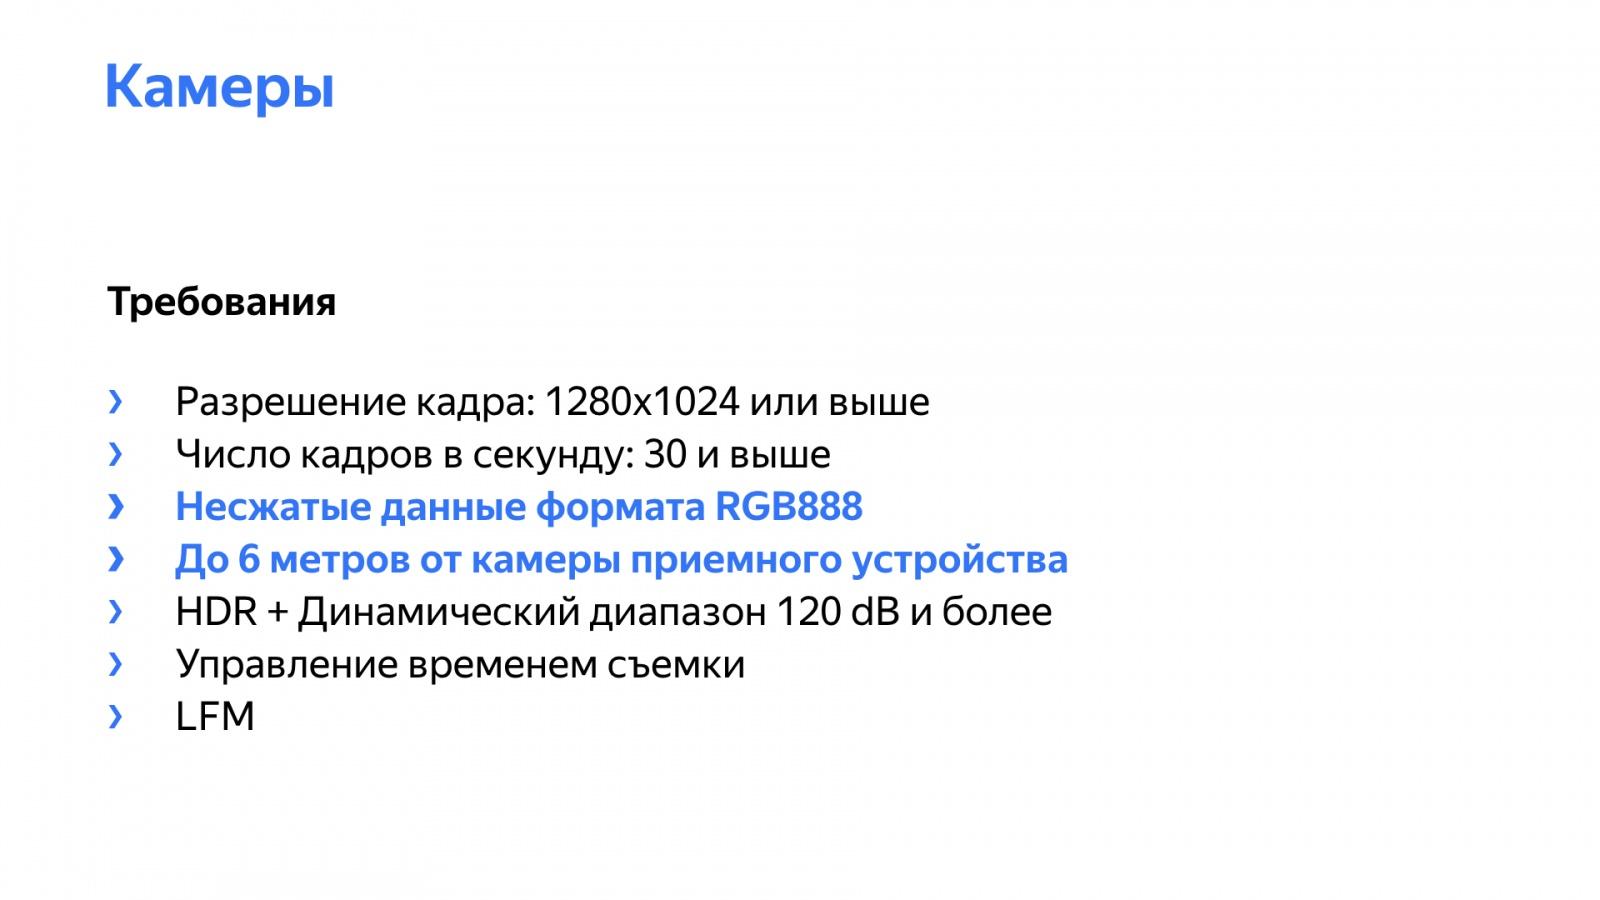 Беспилотный автомобиль: оживляем алгоритмы. Доклад Яндекса - 16